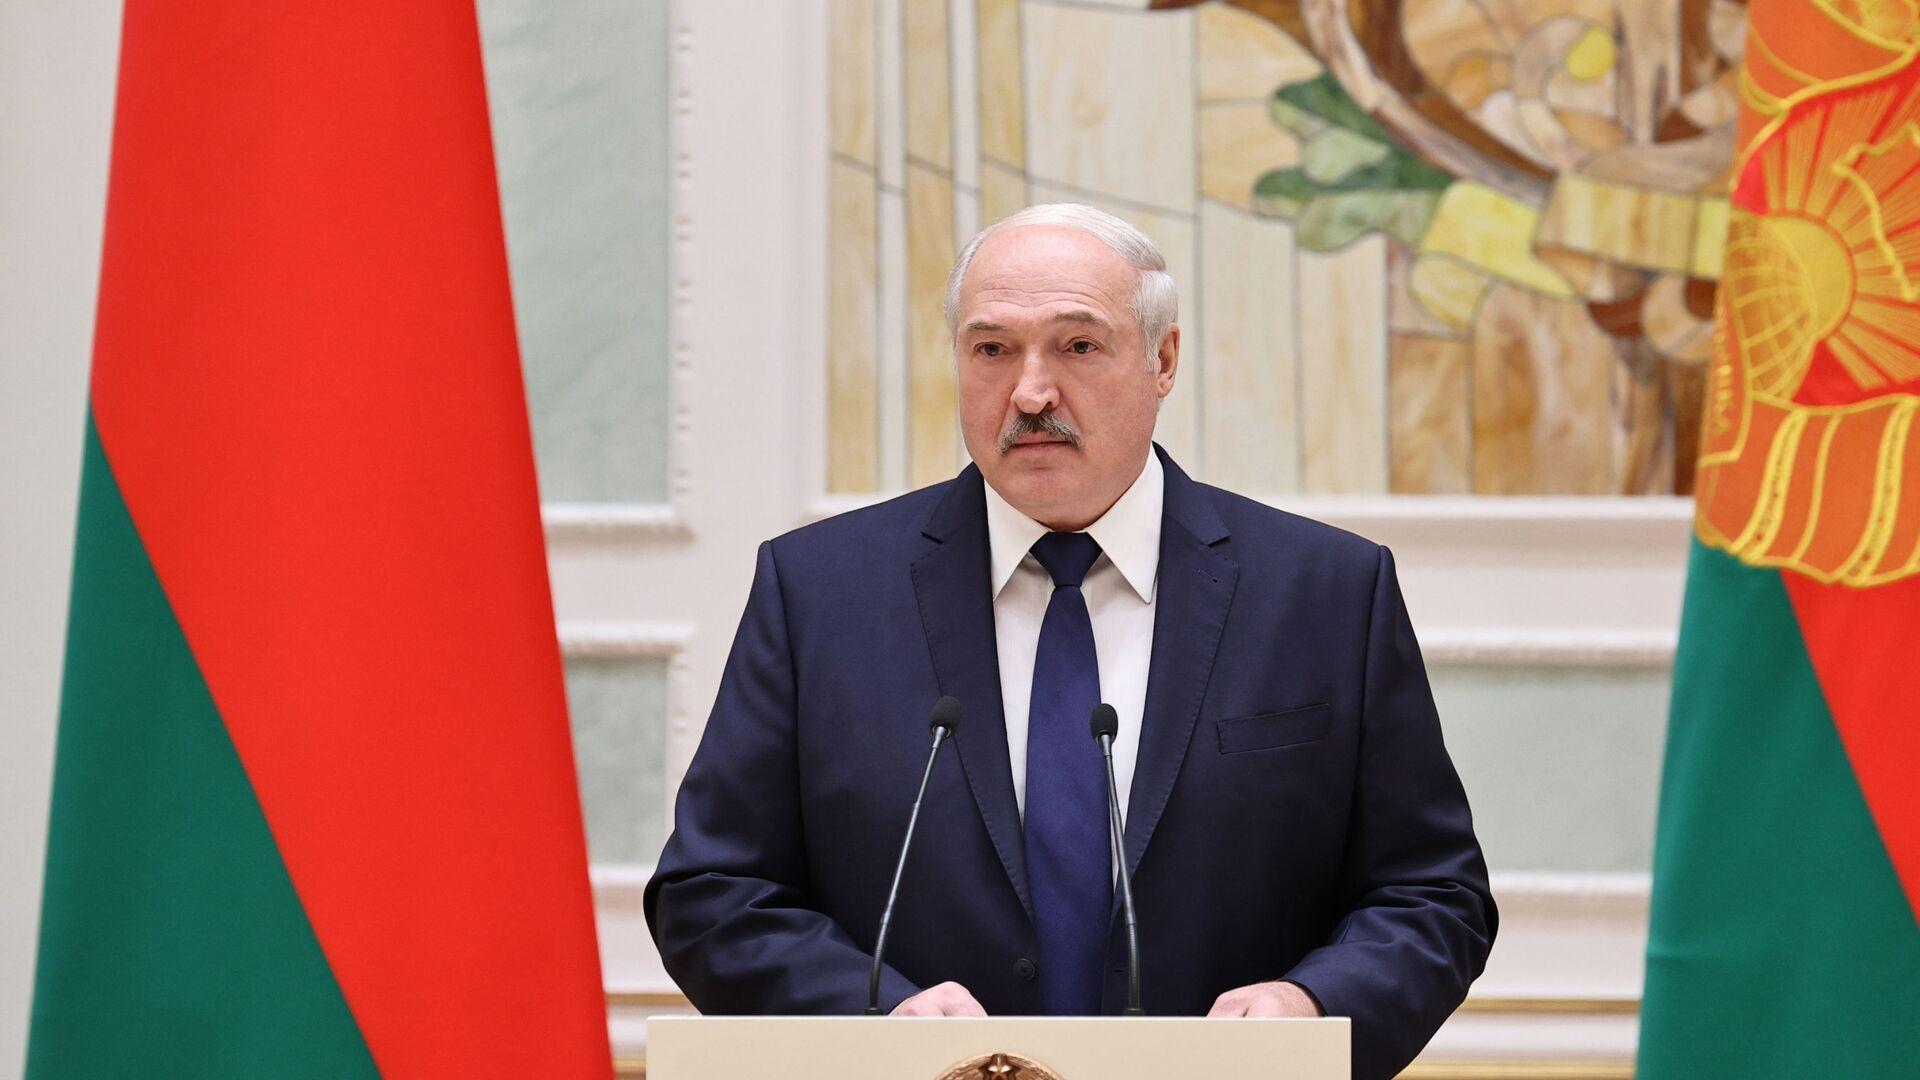 Prezydent Białorusi Alaksandr Łukaszenka podczas przemówienia - Sputnik Polska, 1920, 01.10.2021